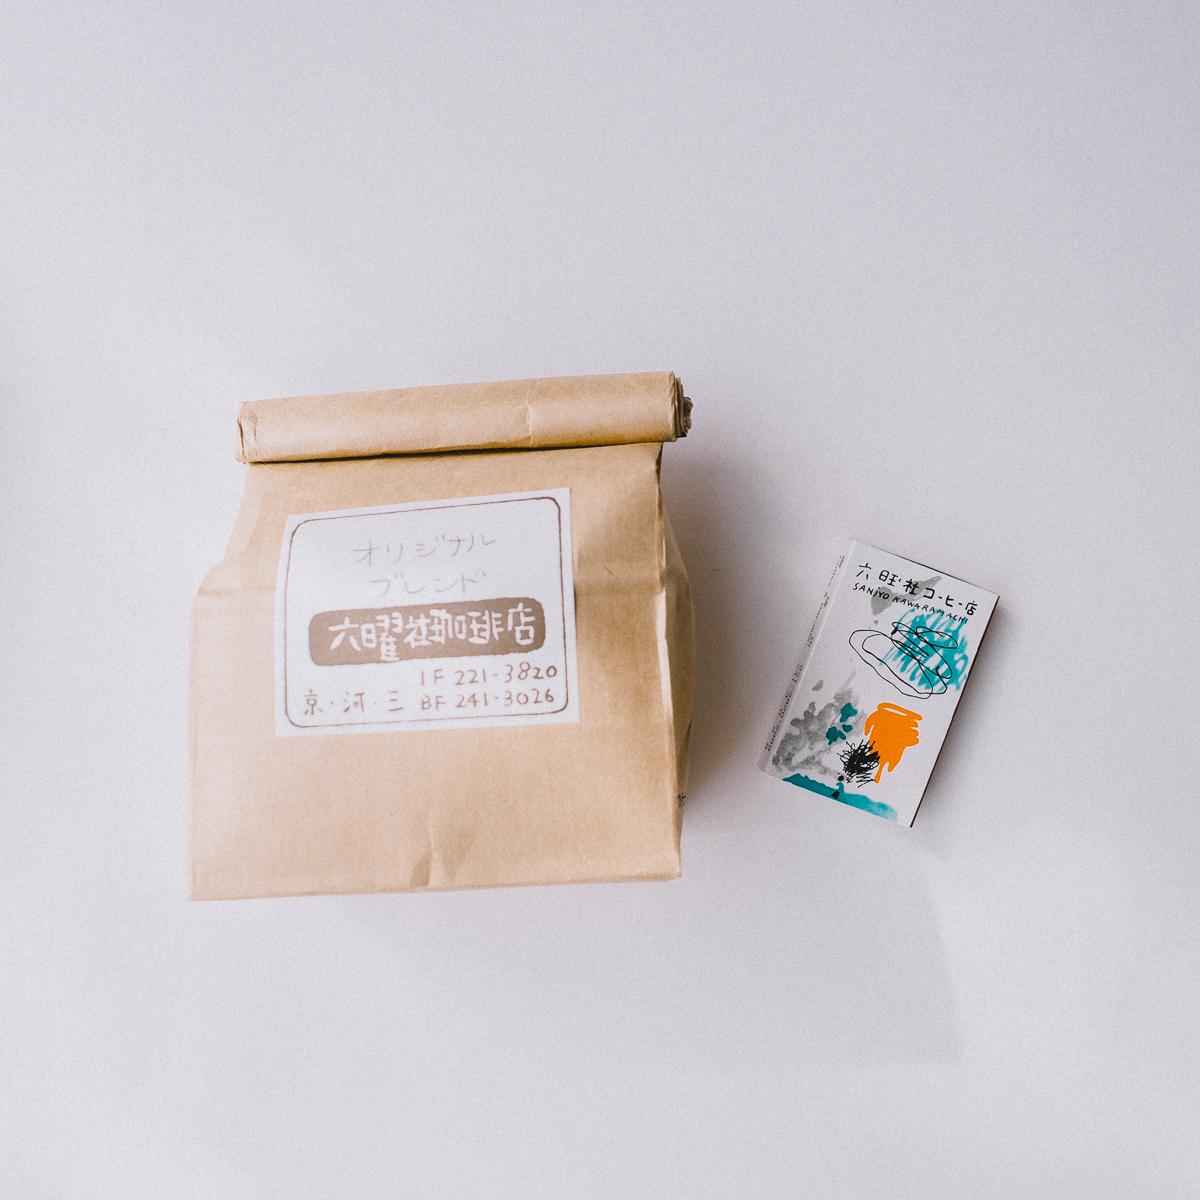 京都 六曜社 コーヒー マッチ 喫茶店 コーヒー